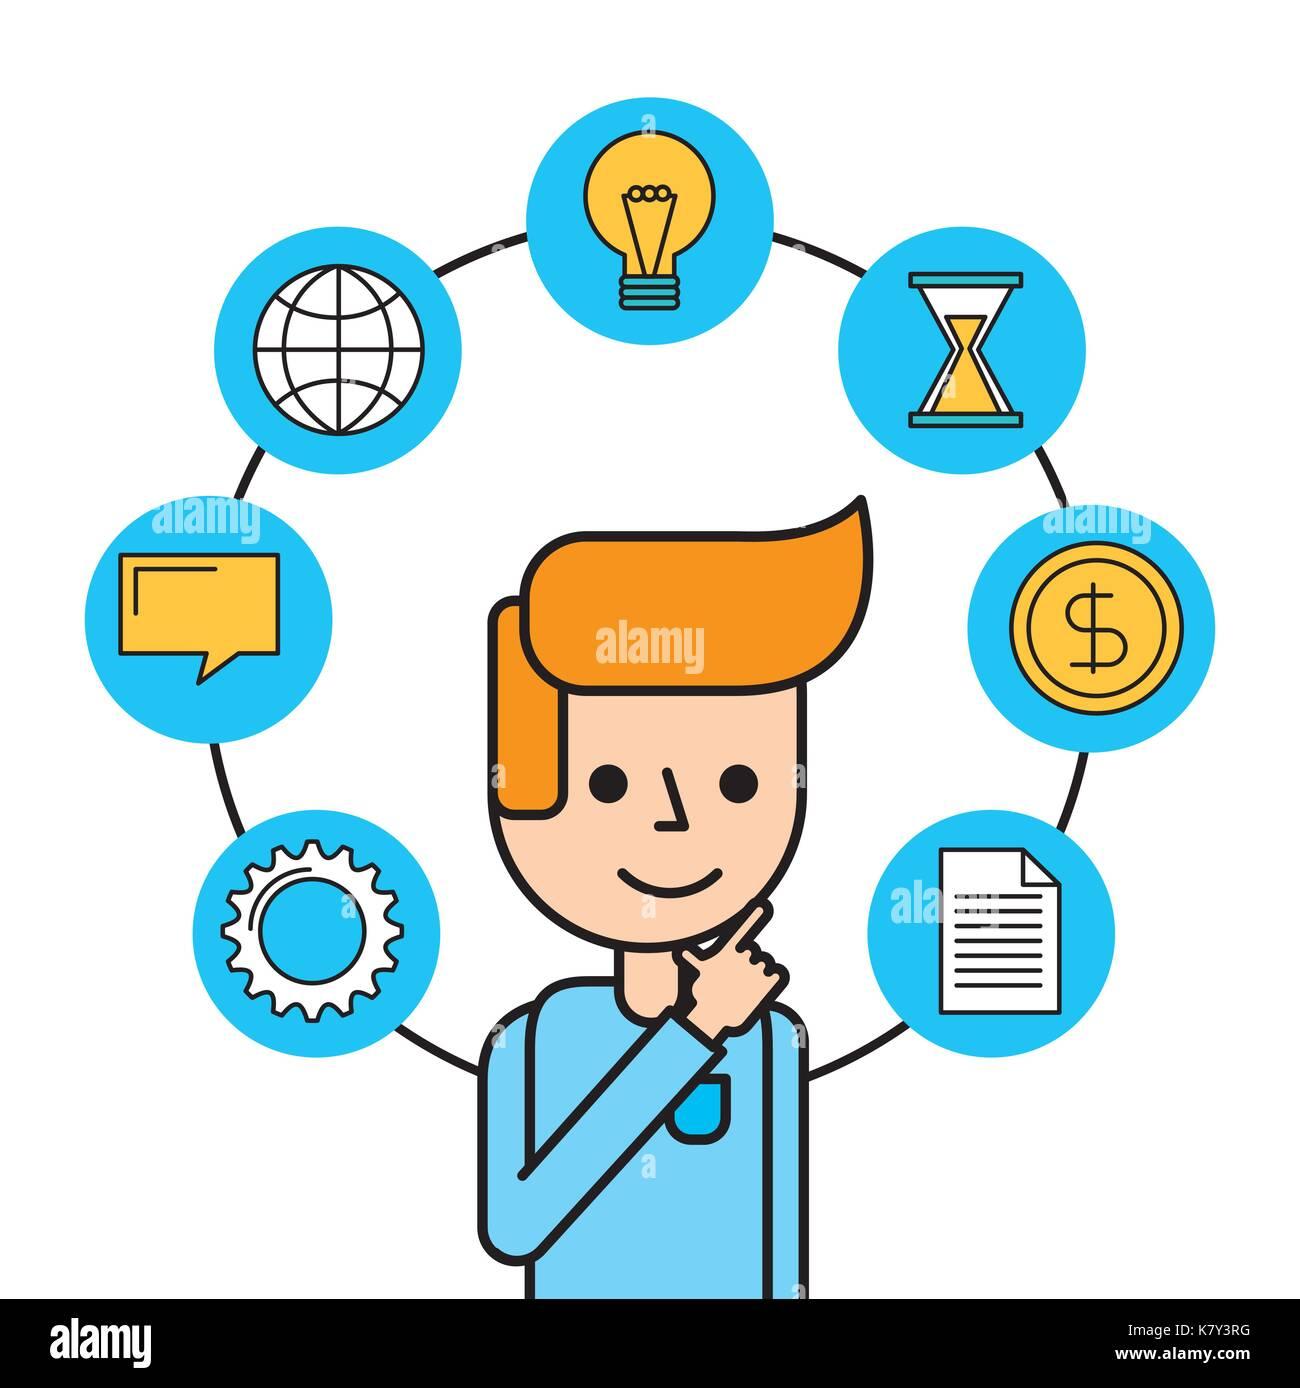 L'uomo creatività pensare lavorare denaro messaggio globale Immagini Stock